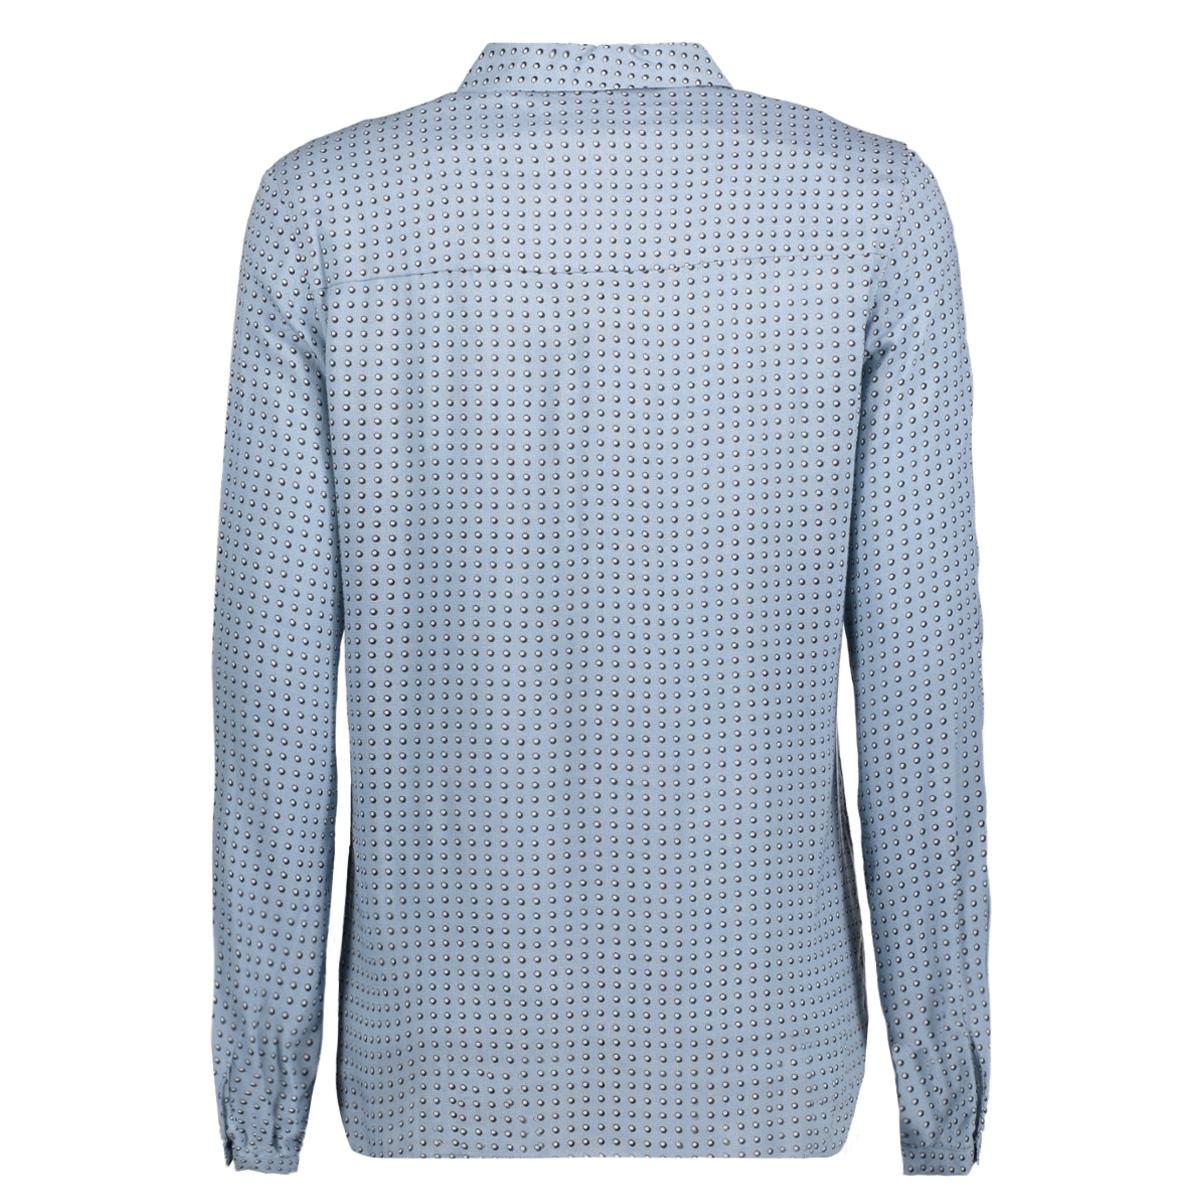 107eo1f014 esprit collection blouse e440